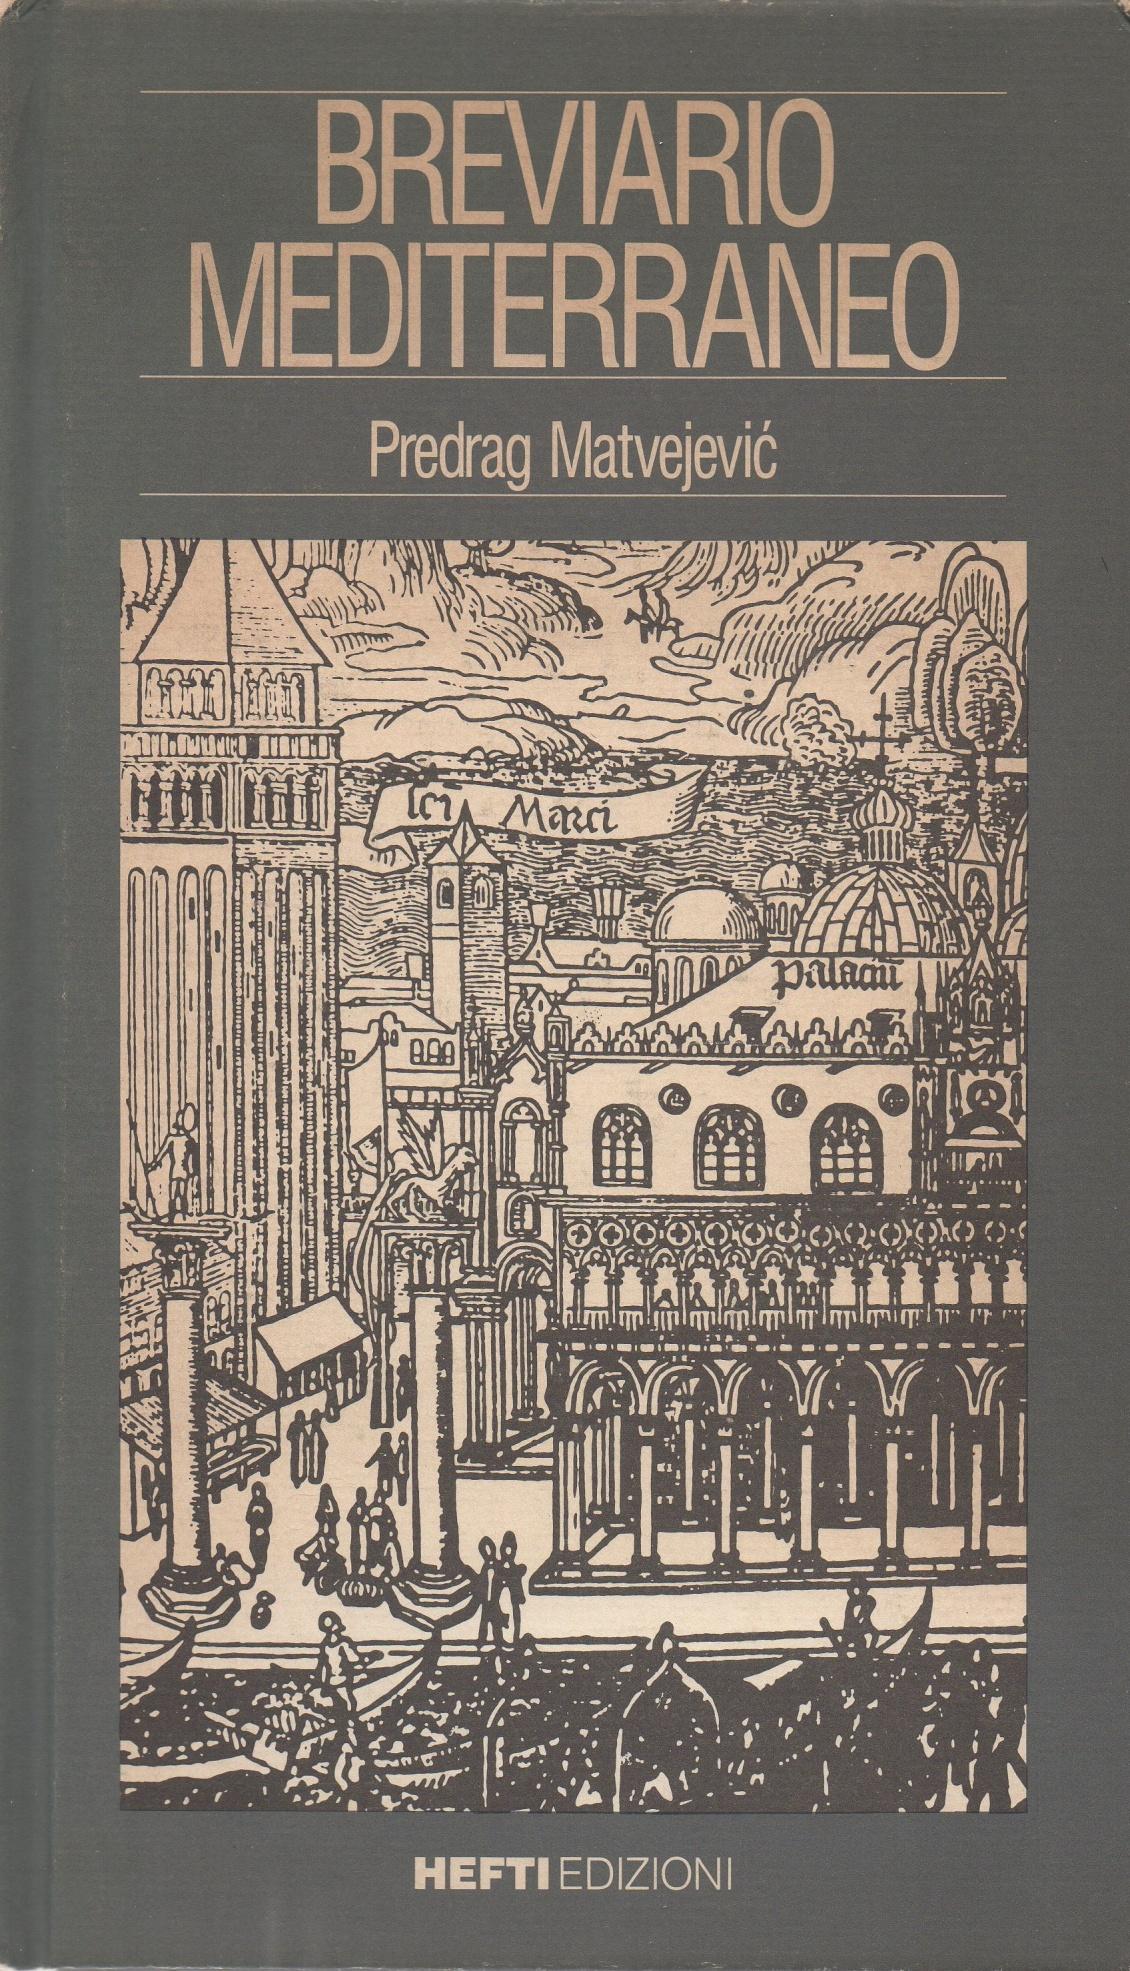 breviario mediterraneo